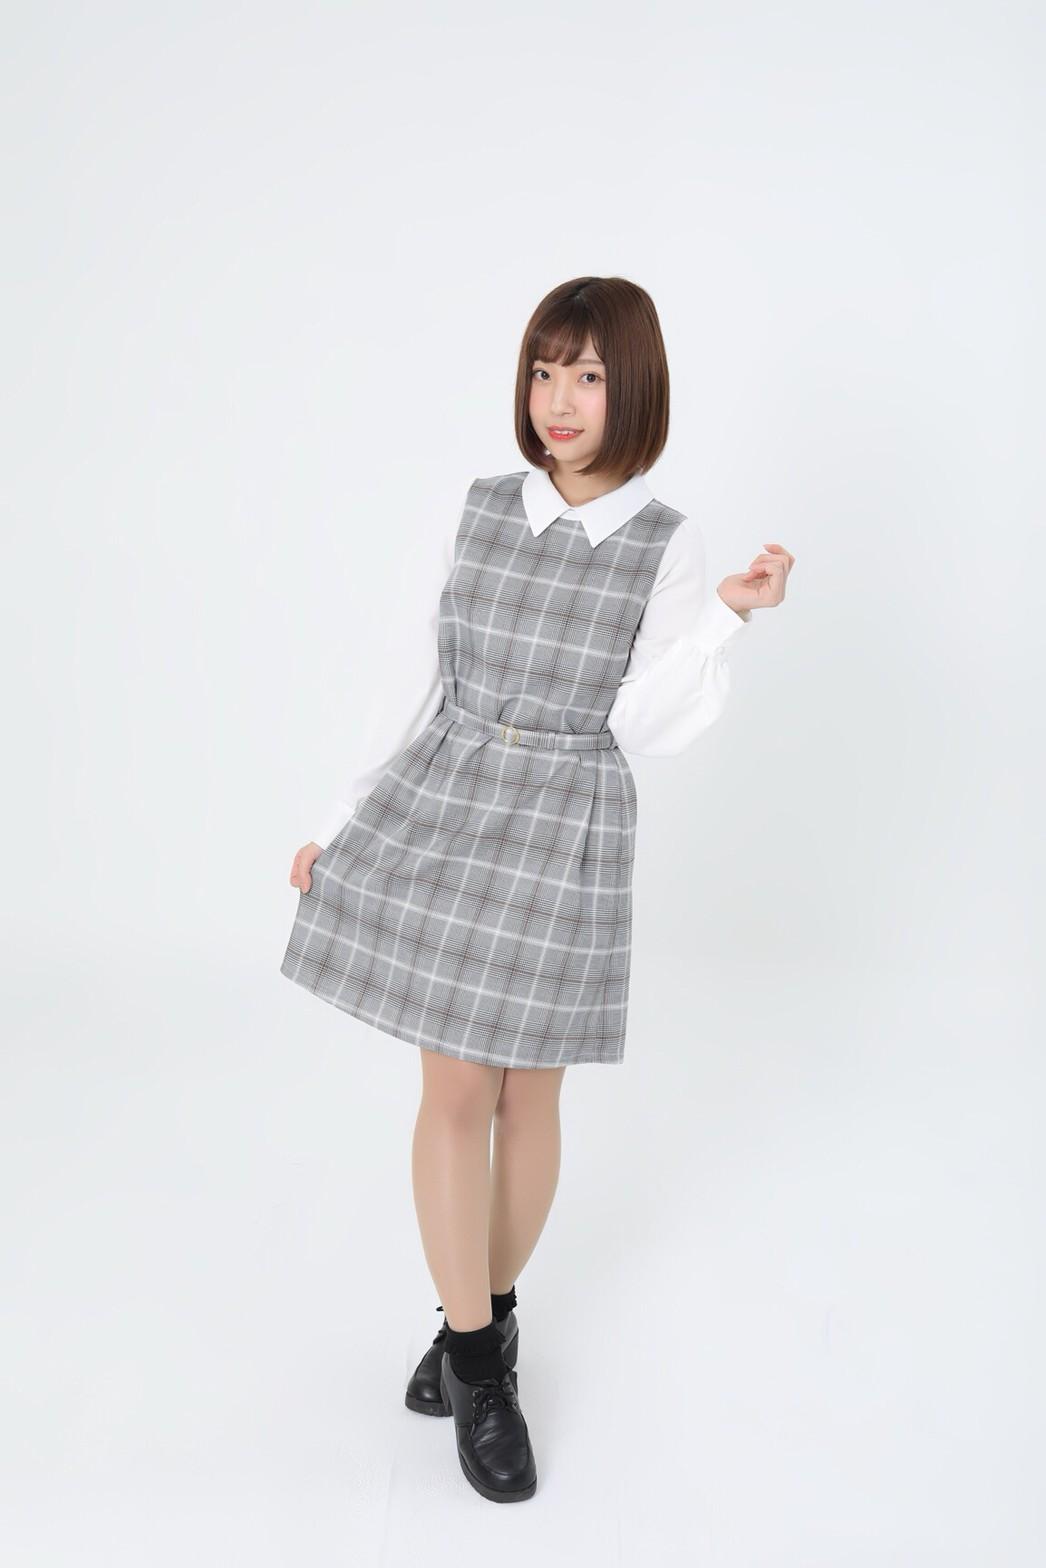 佐野 礼奈 イメージ画像